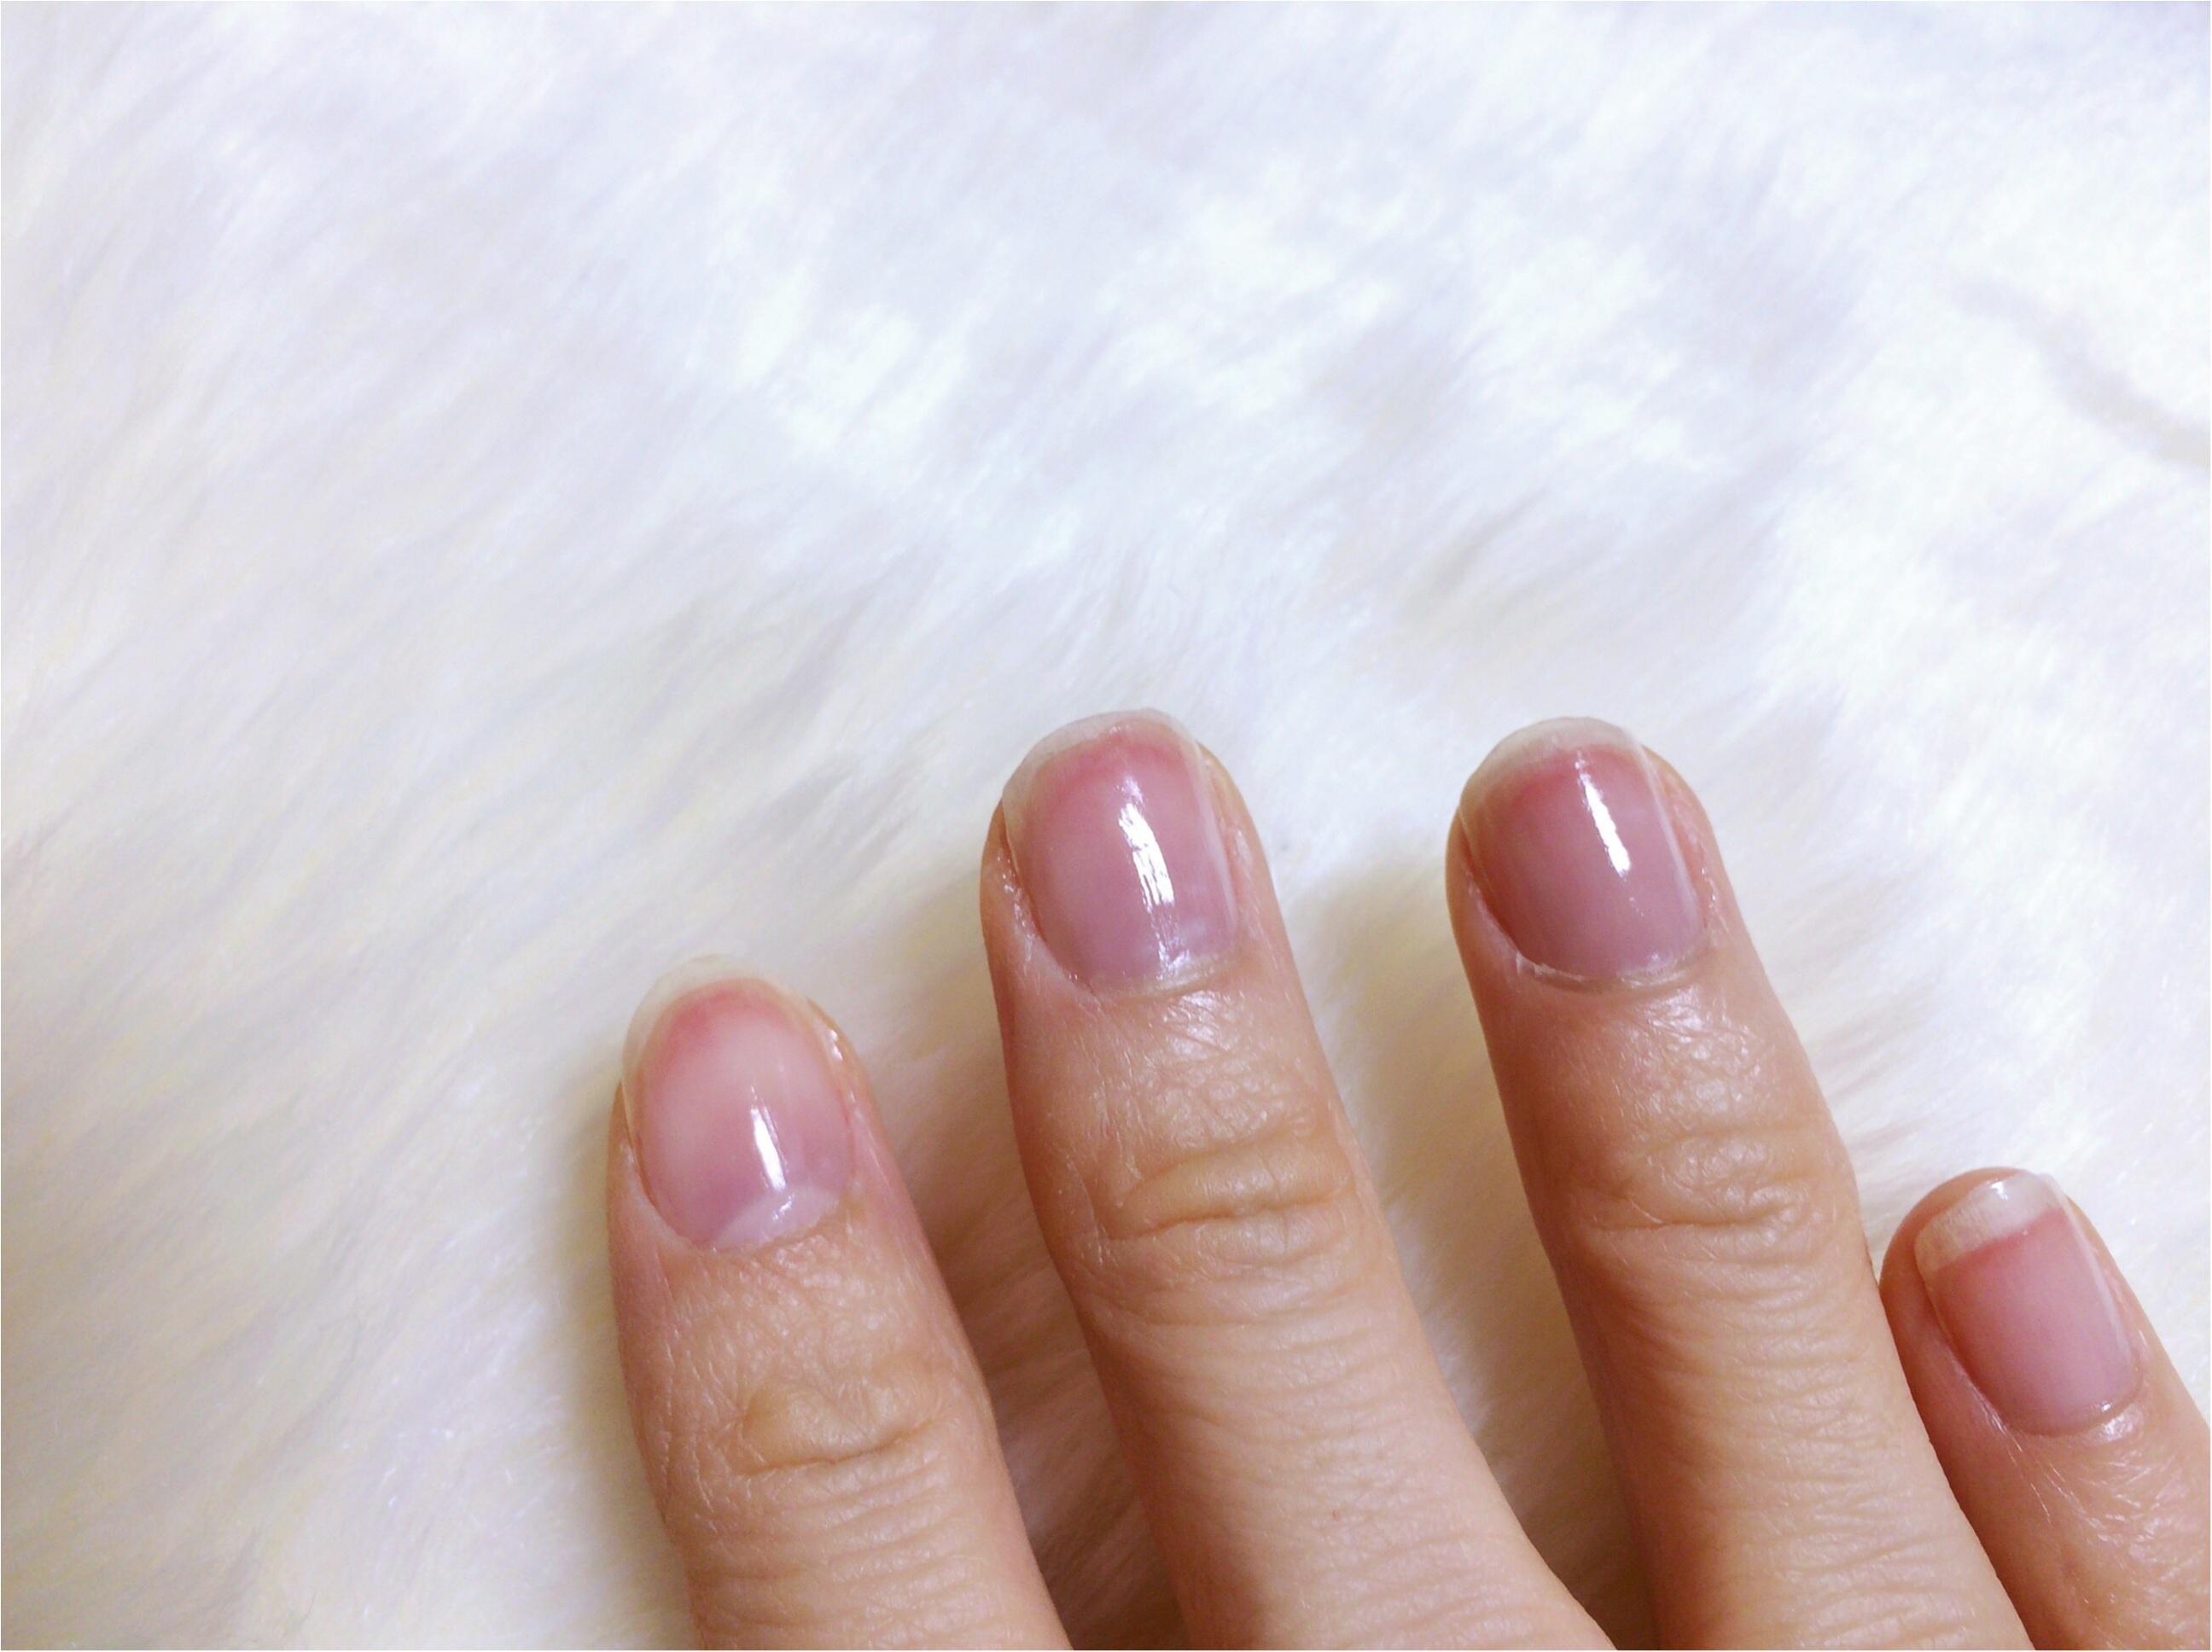 【ジル春コレ】まるで、ストロベリーシロップ♡なピンクが可愛すぎ!限定《トップコート》_5